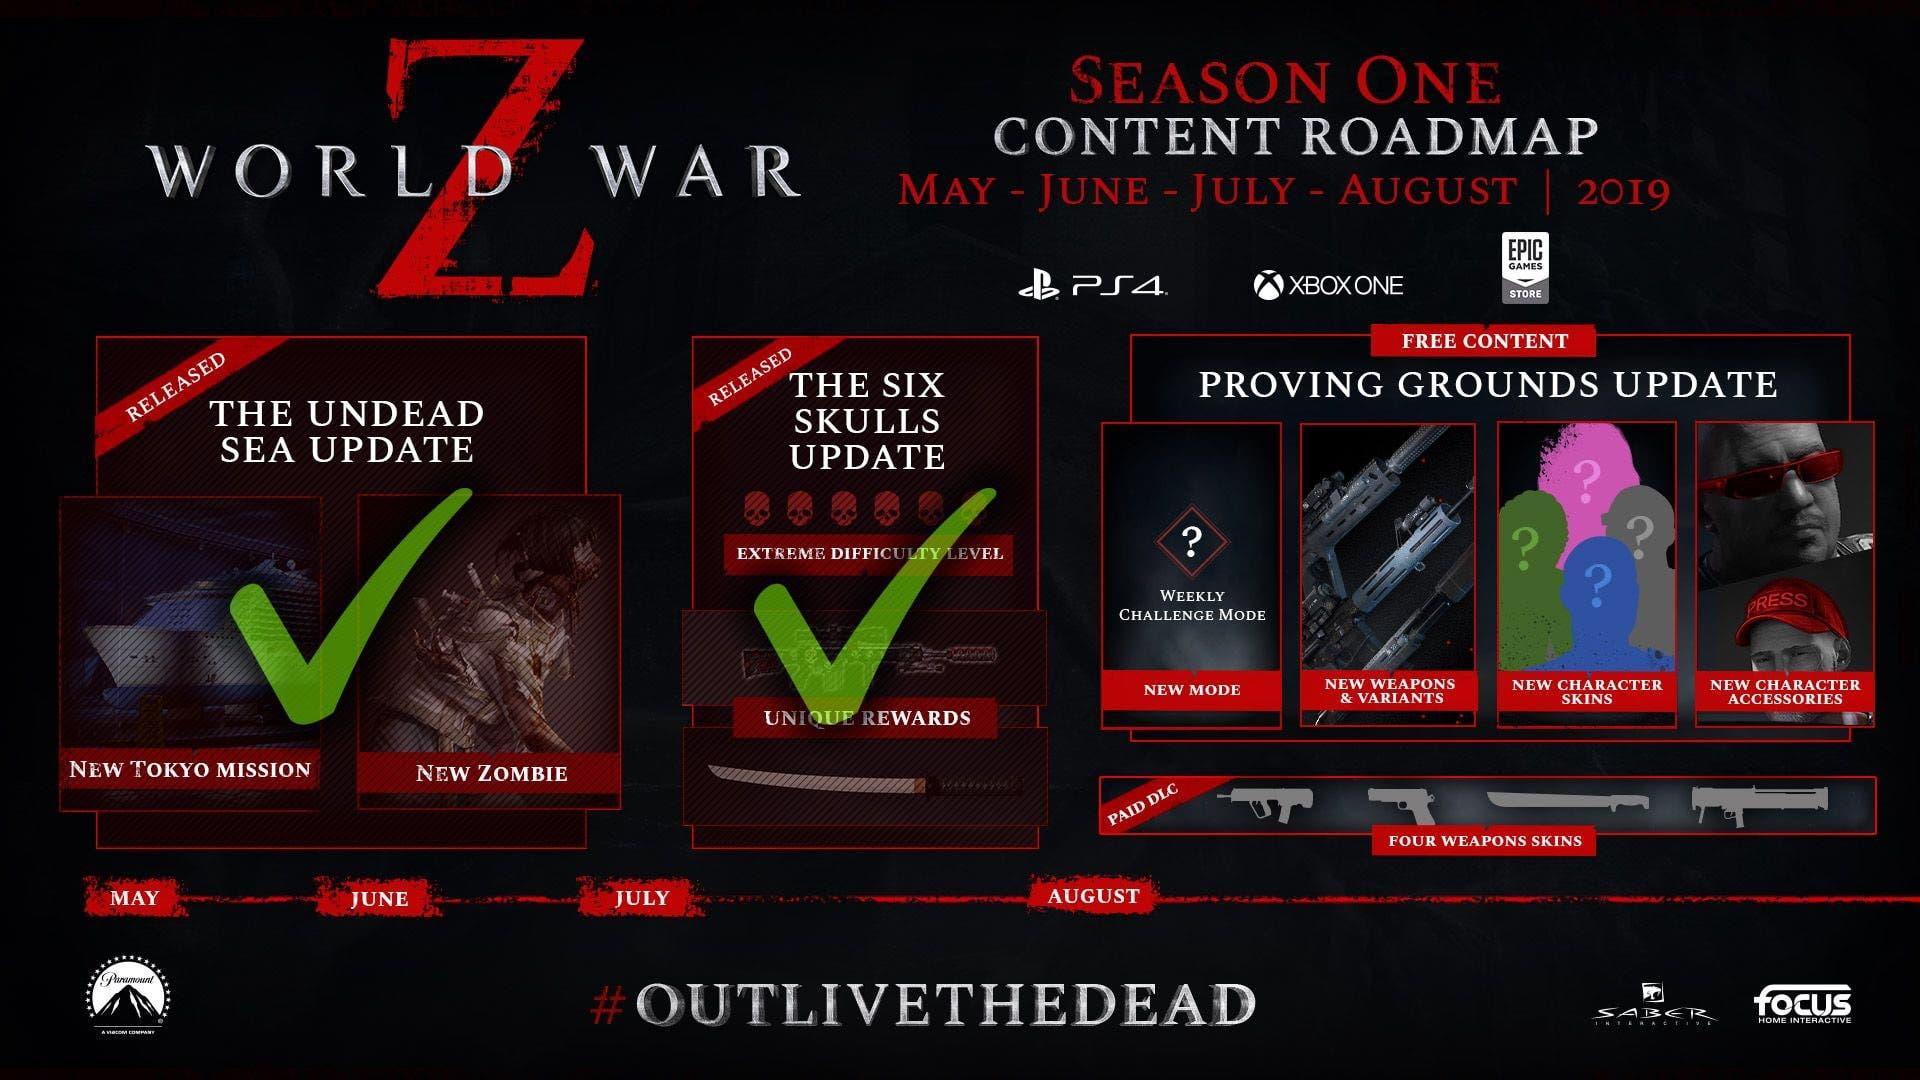 La hoja de ruta de World War Z muestra contenido gratuito para este mes 2